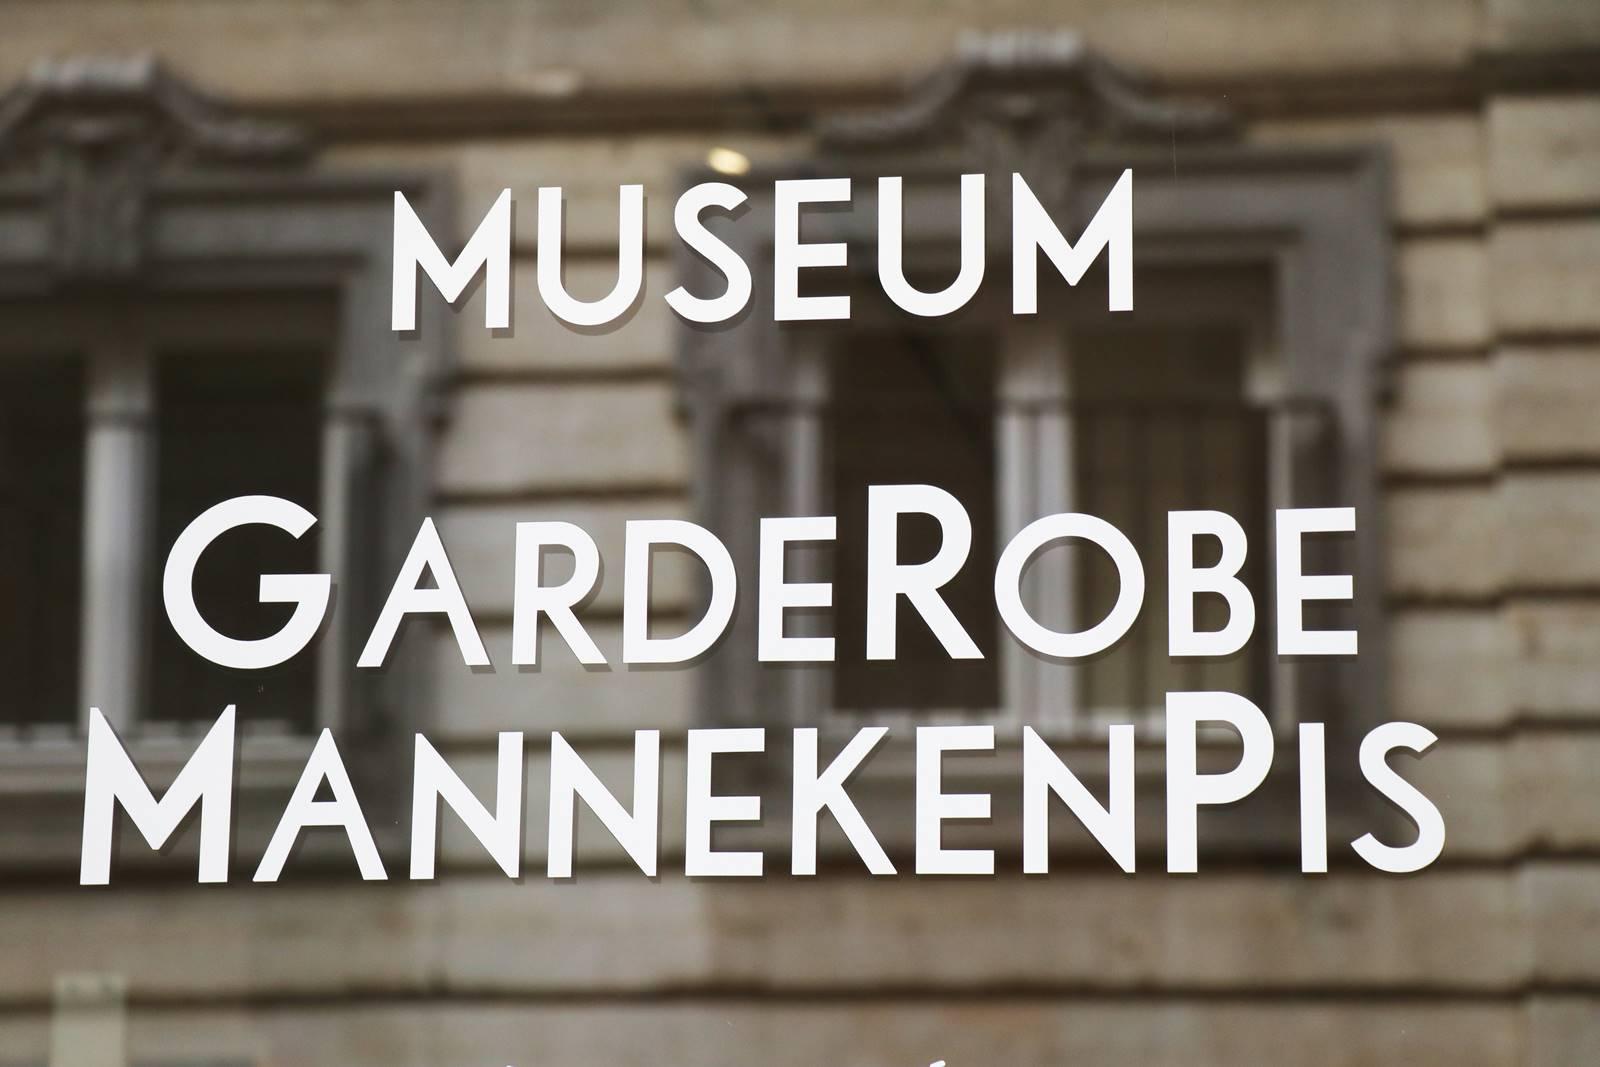 Bruxelles Musée Garde Robe du PannekenPis (1)